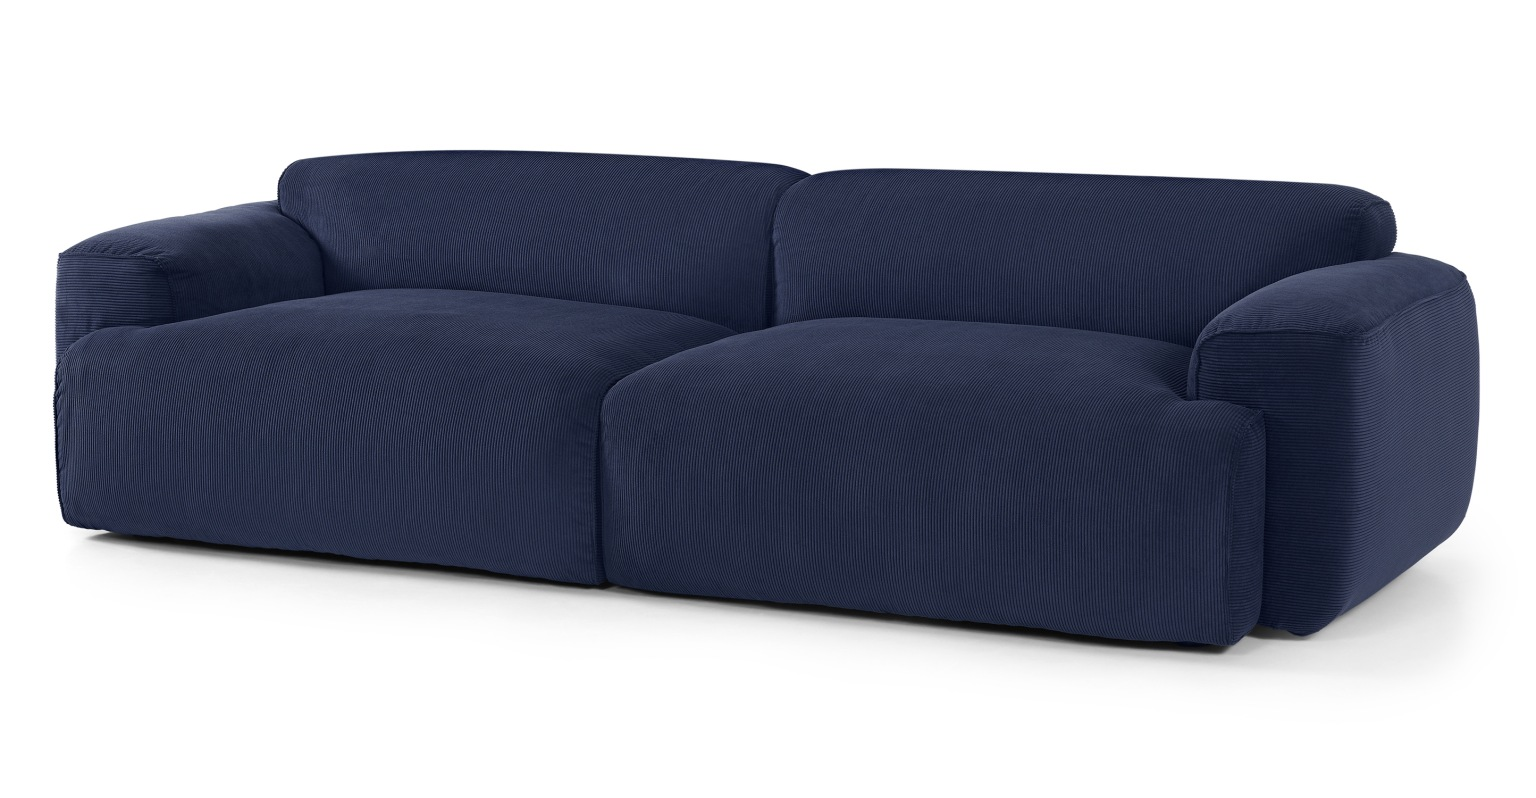 Sofá de 3 plazas Avalon, terciopelo de pana azul marino